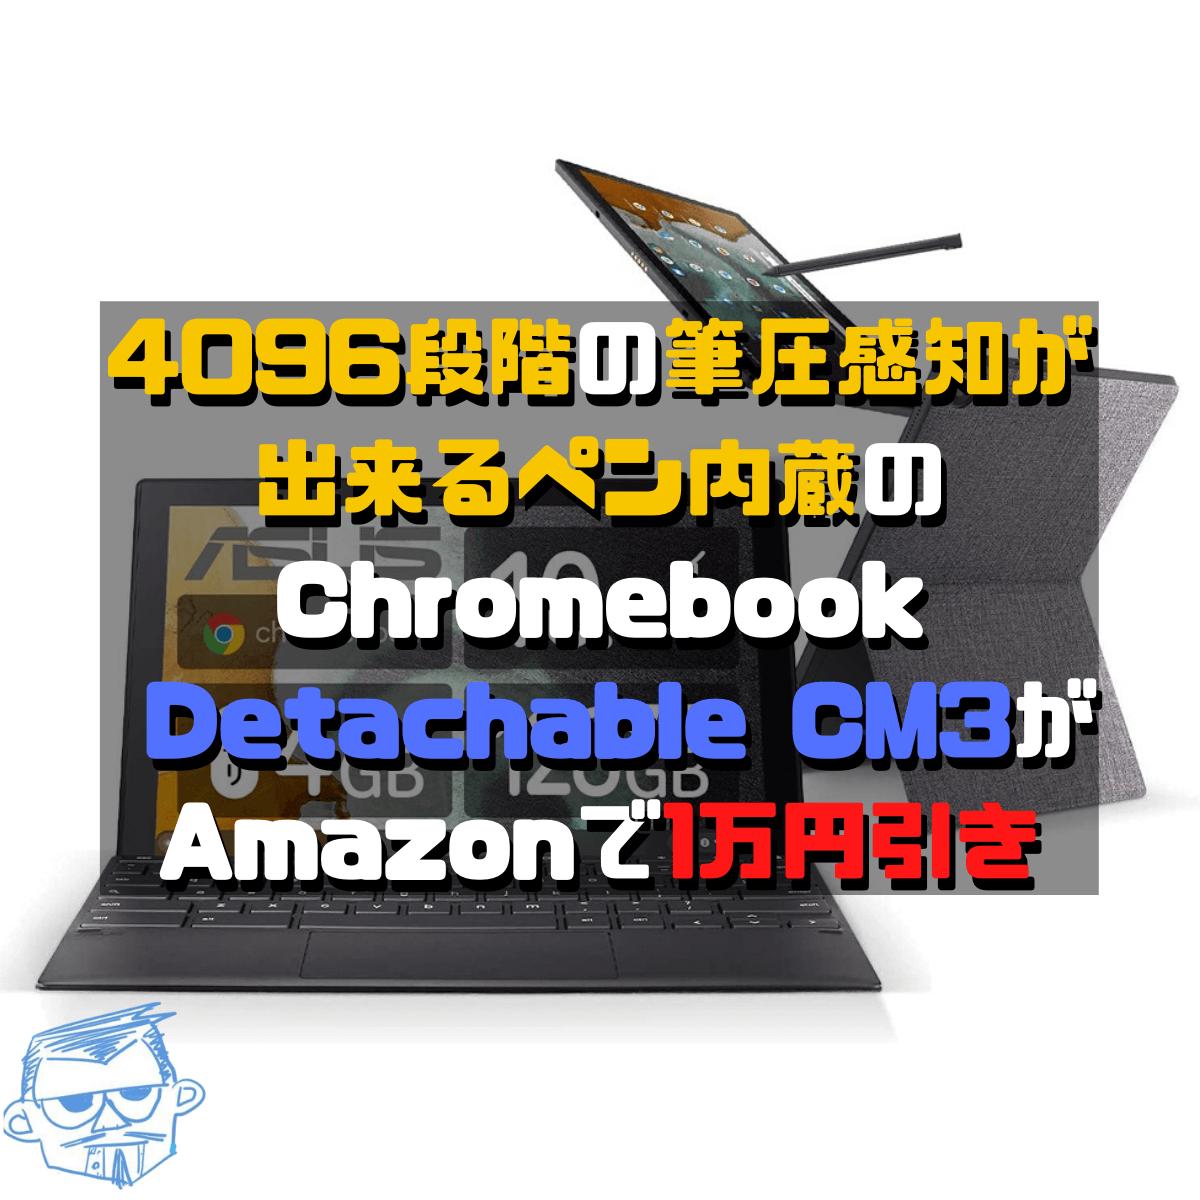 4096段階の筆圧感知が出来るペン内蔵のChromebook Detachable CM3がAmazonで1万円引き